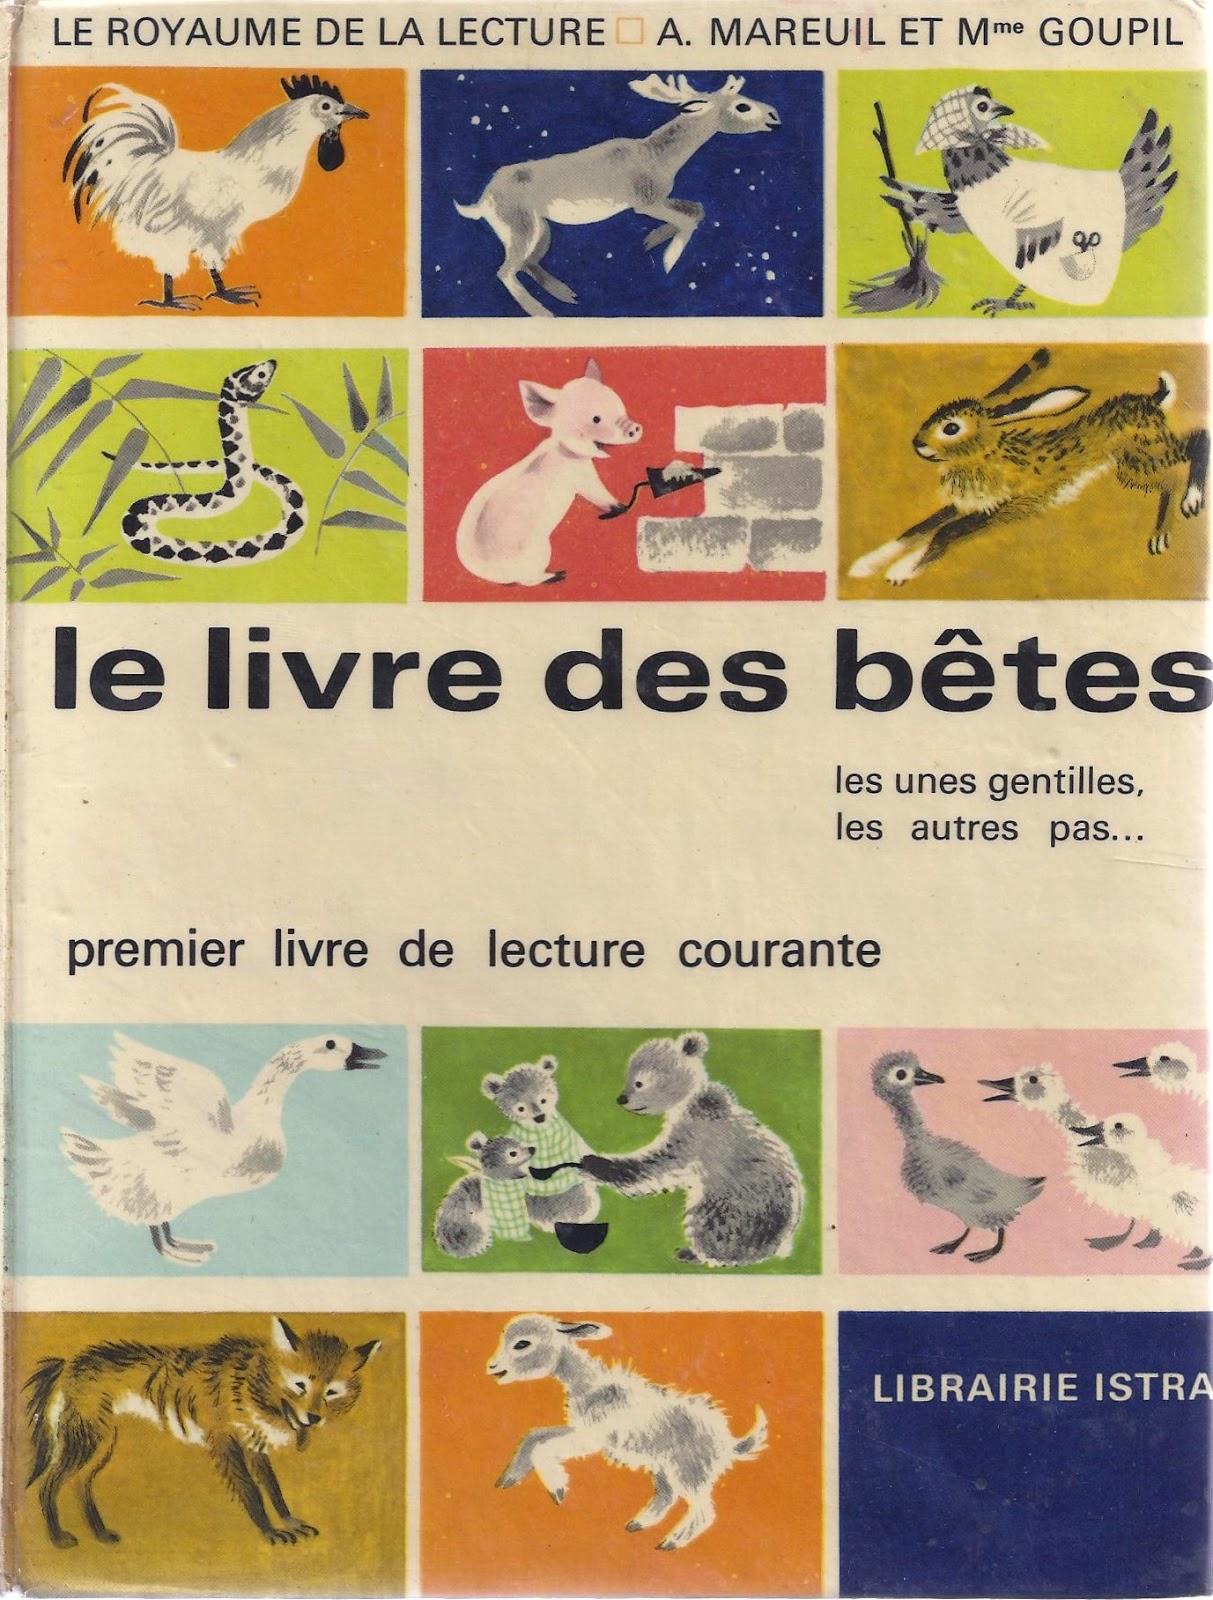 Manuels anciens mareuil goupil le livre des b tes for Le livre de